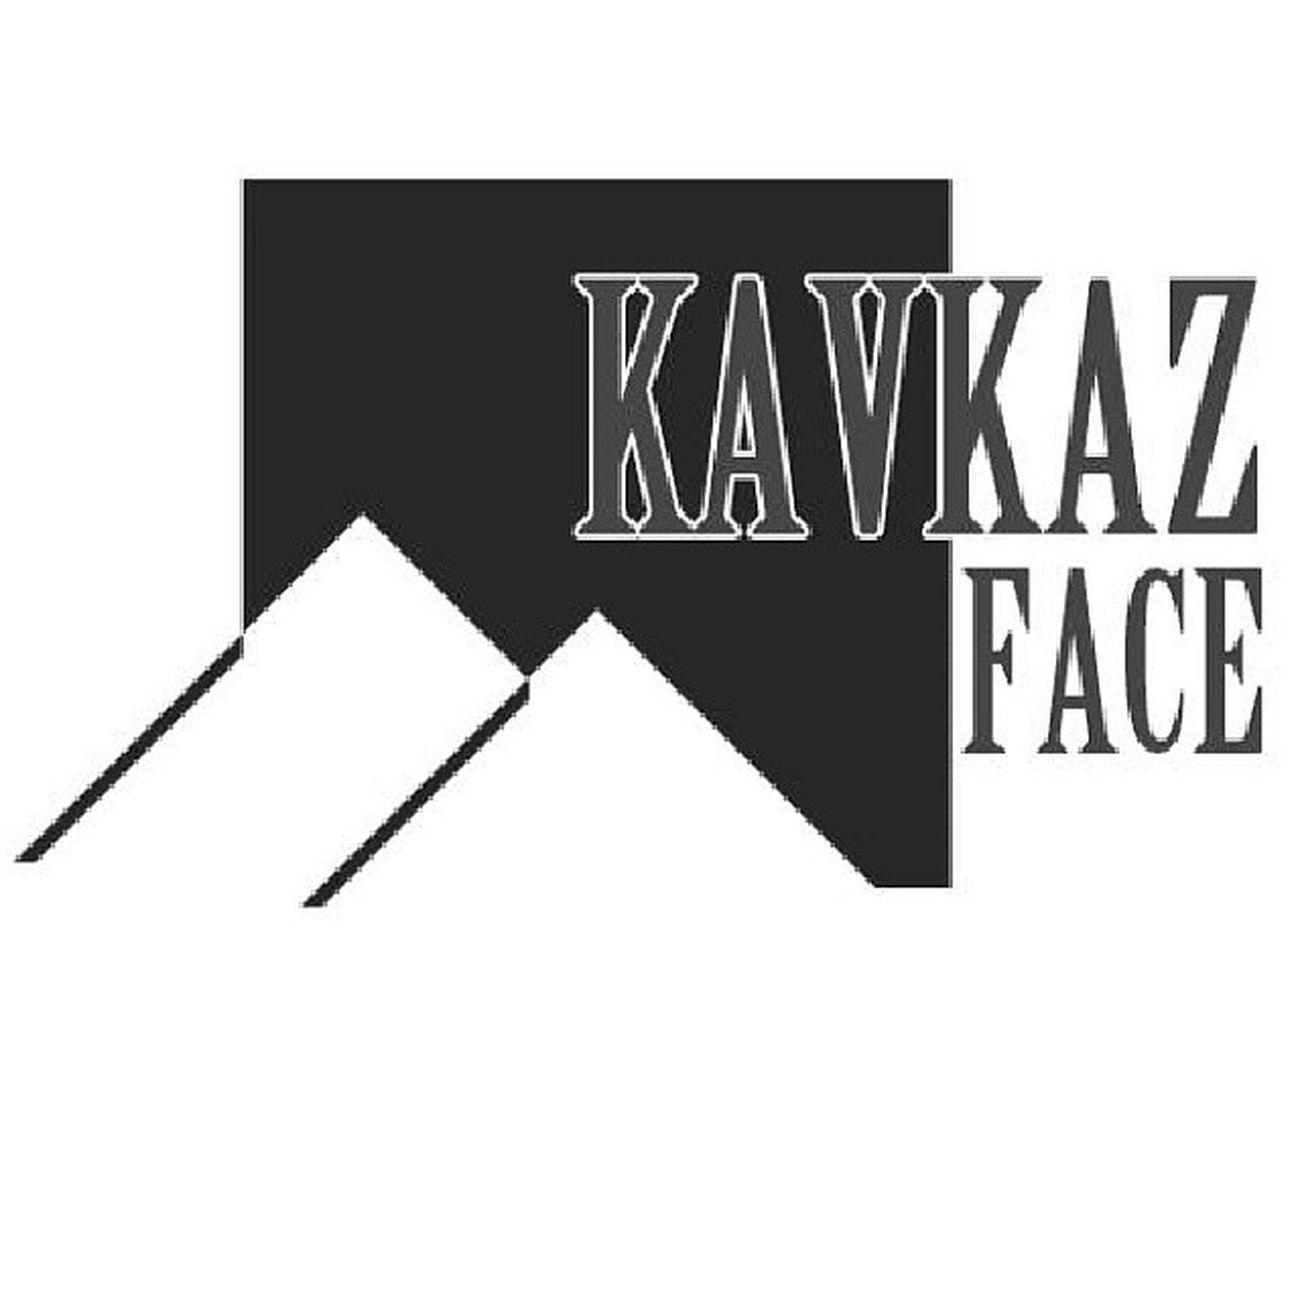 Кавказ фейс Kavkazface .ru сайт с октуальными новостями